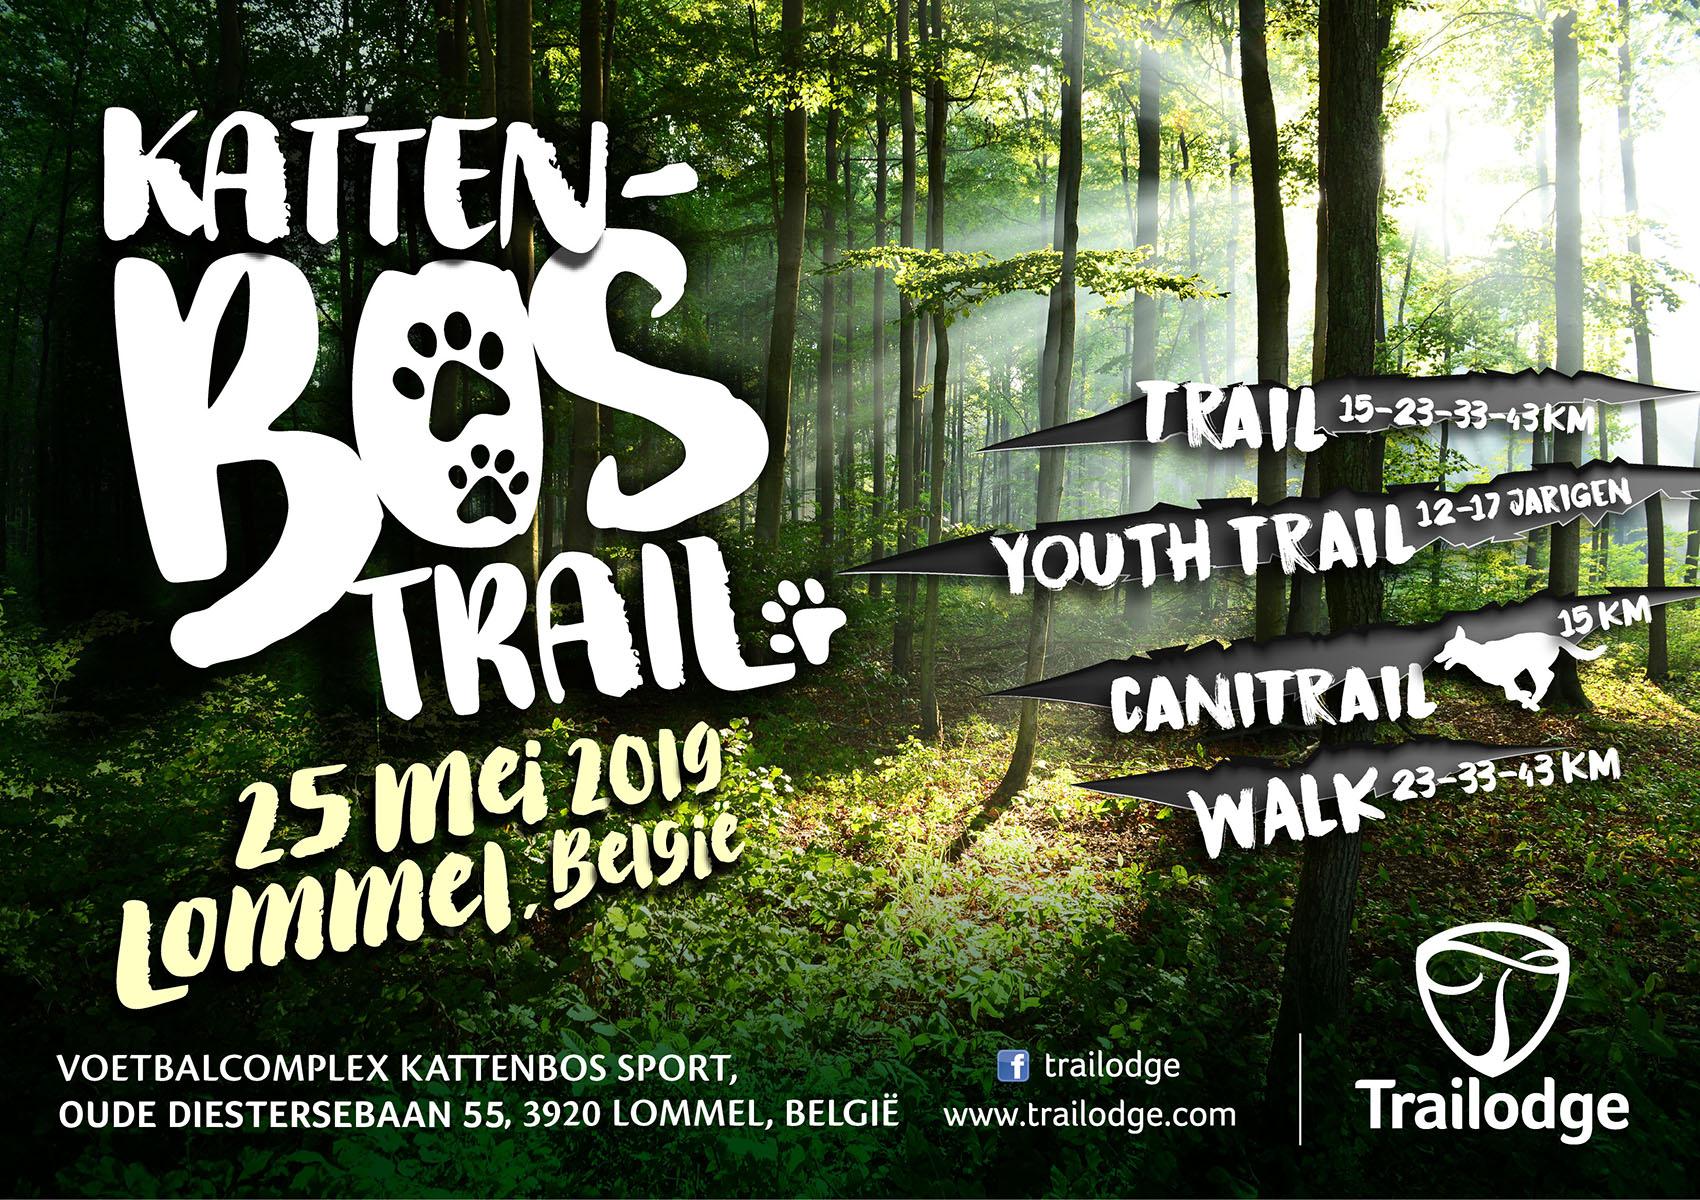 Kattenbos Trail 2019 Lommel